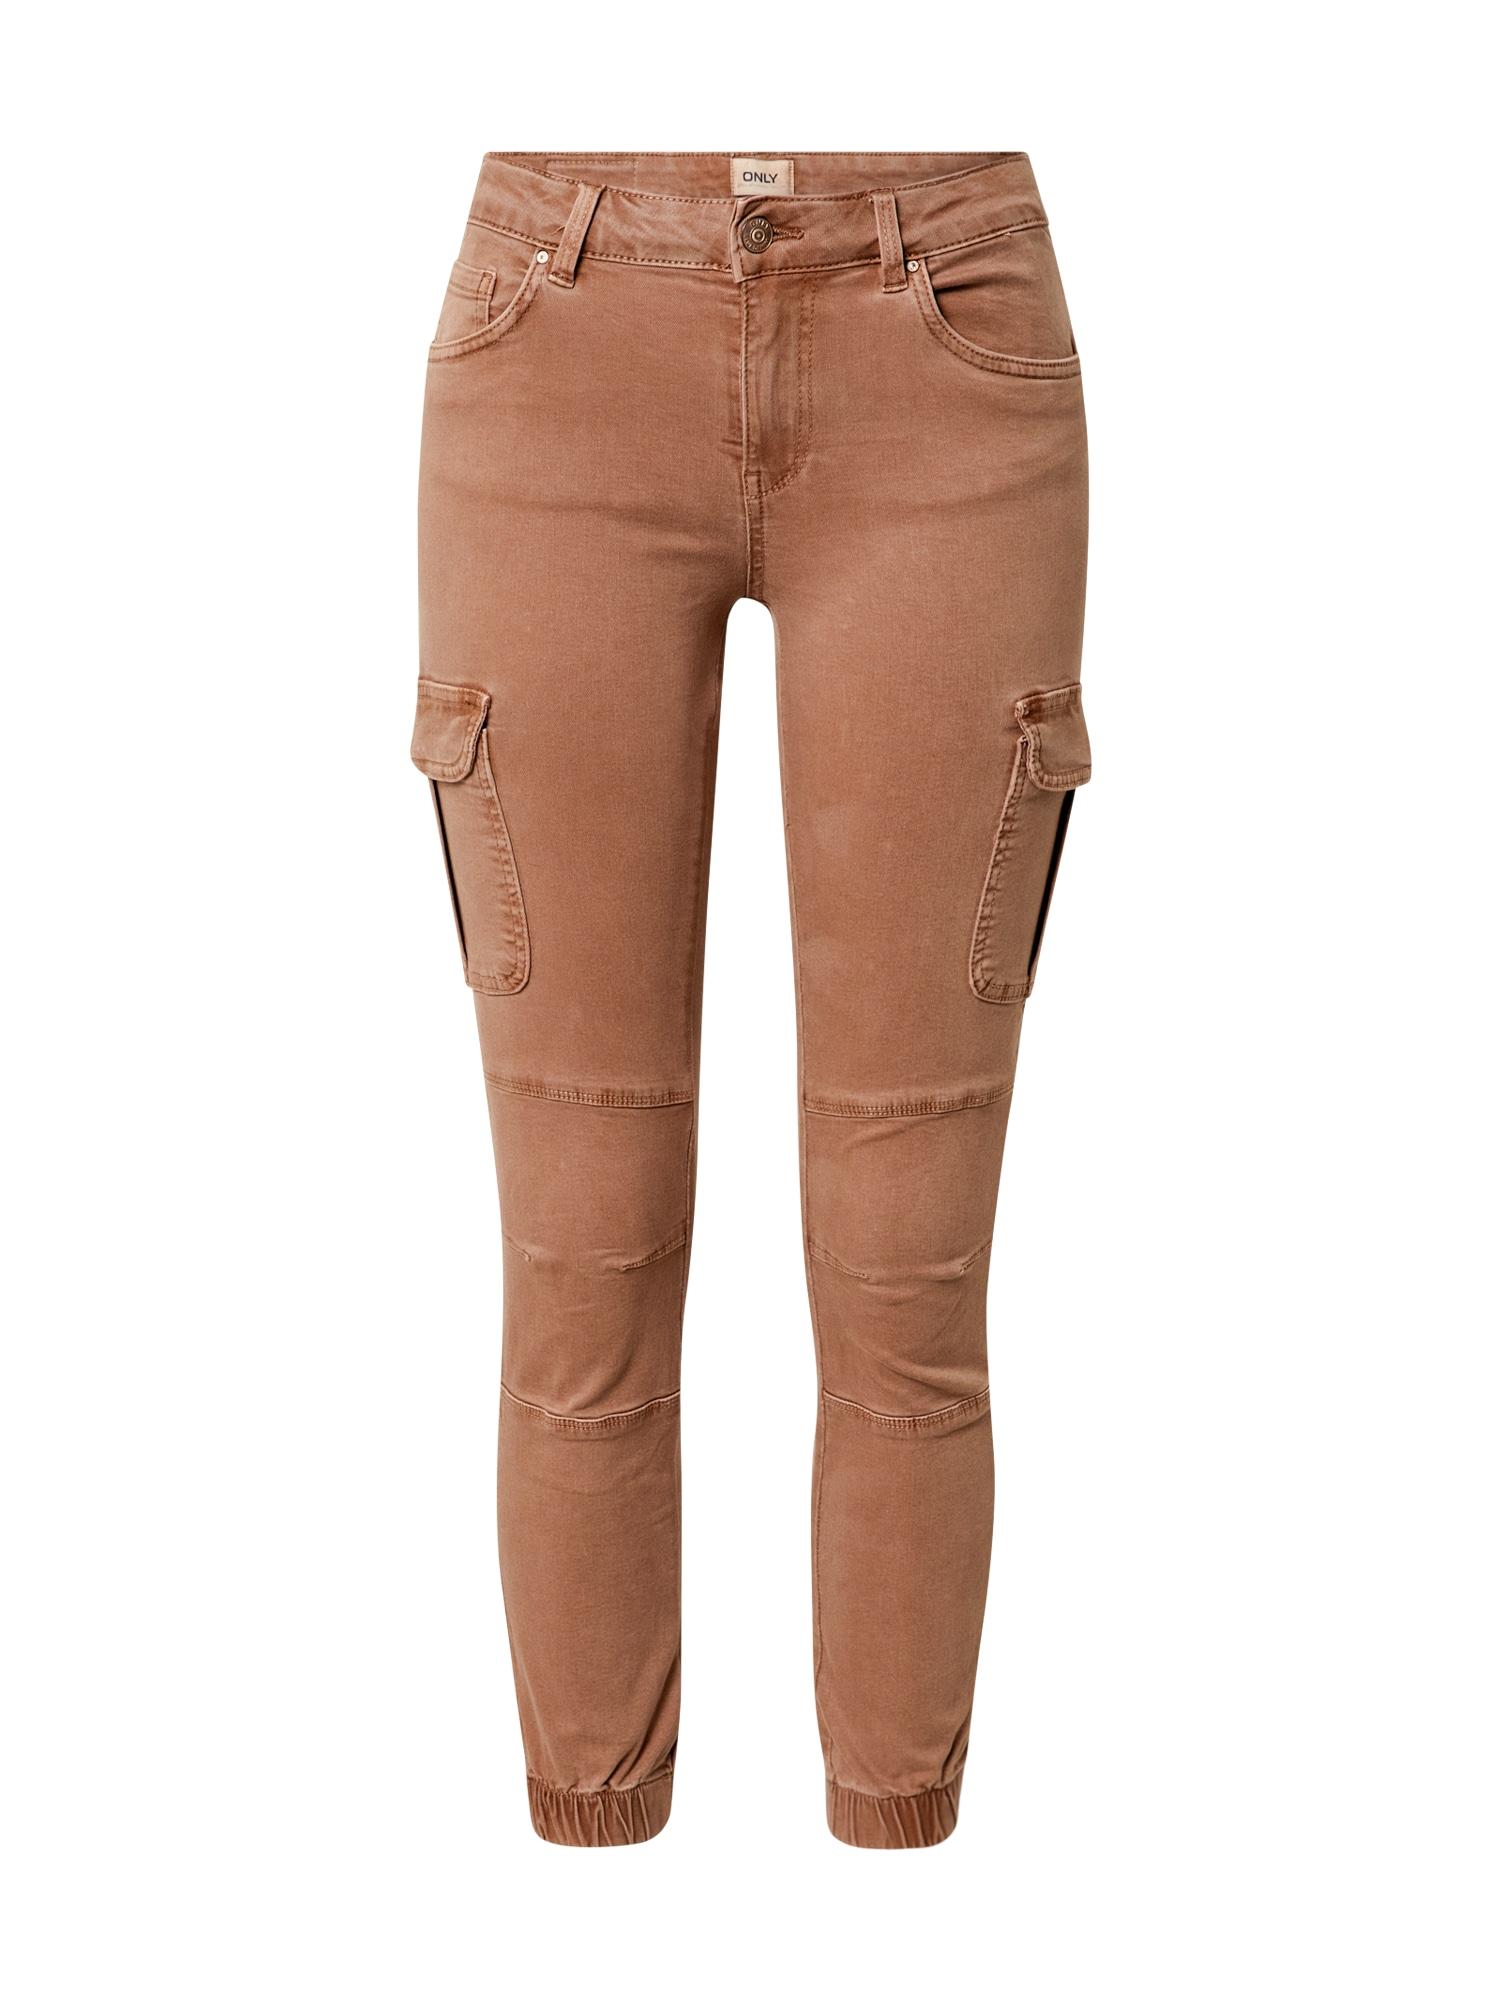 ONLY Darbinio stiliaus džinsai 'onlMISSOURI' ruda